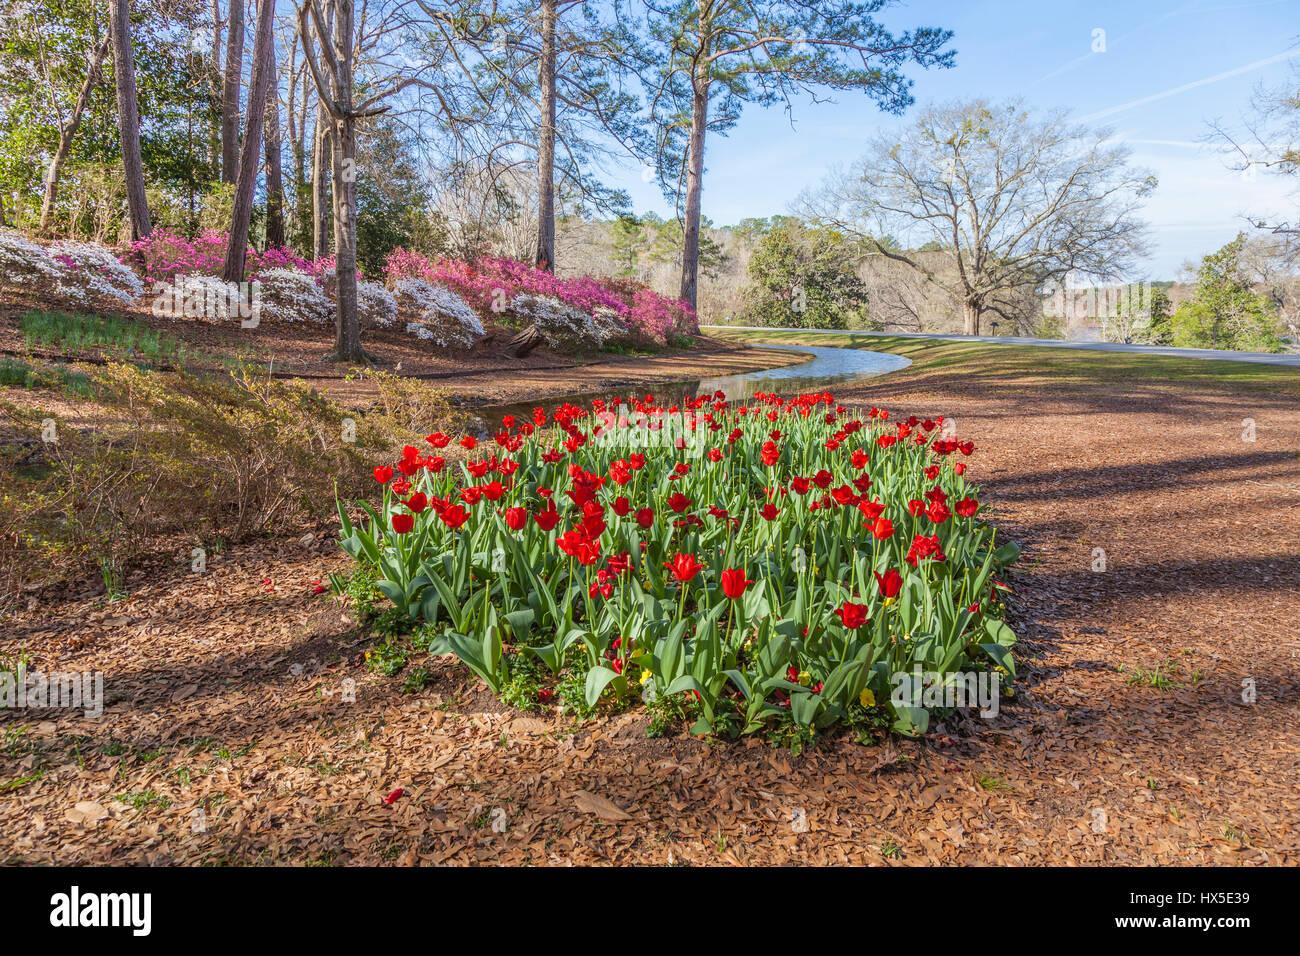 Tulips In Front Of Azalea Overlook Garden At Callaway Gardens In Georgia.